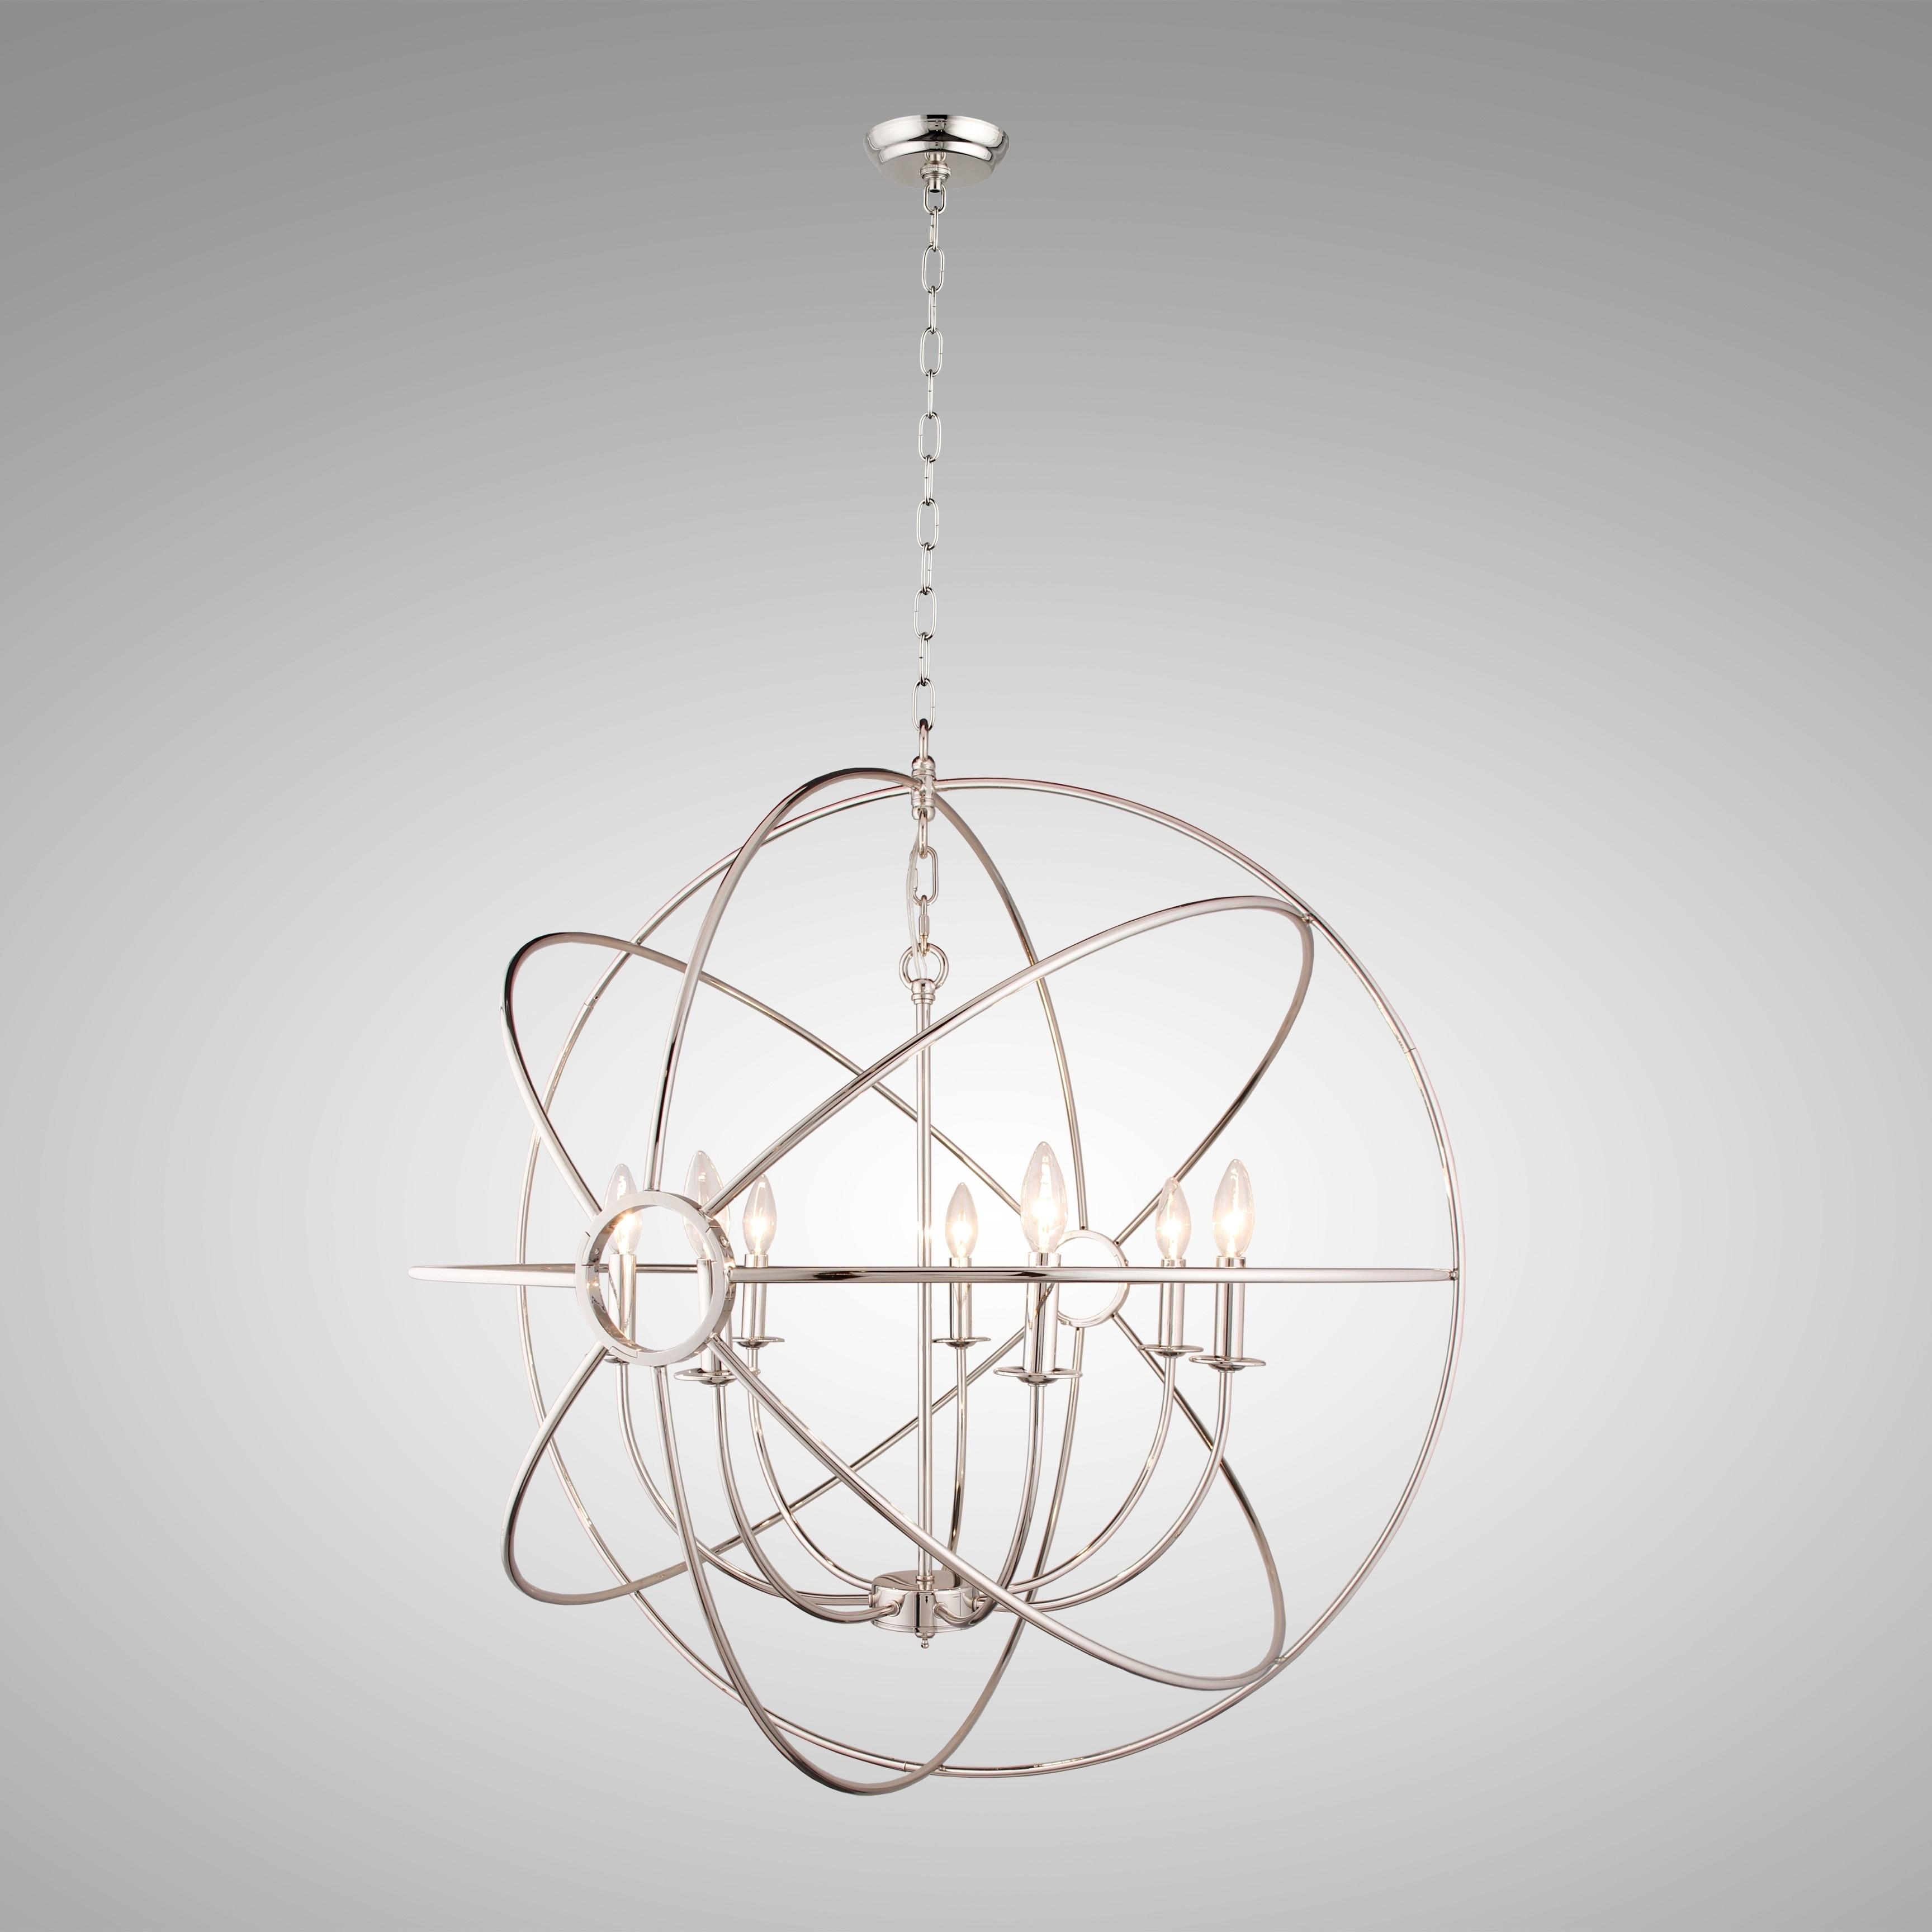 hampton reviews light chandelier burcott of lighting pdx house mini white wayfair